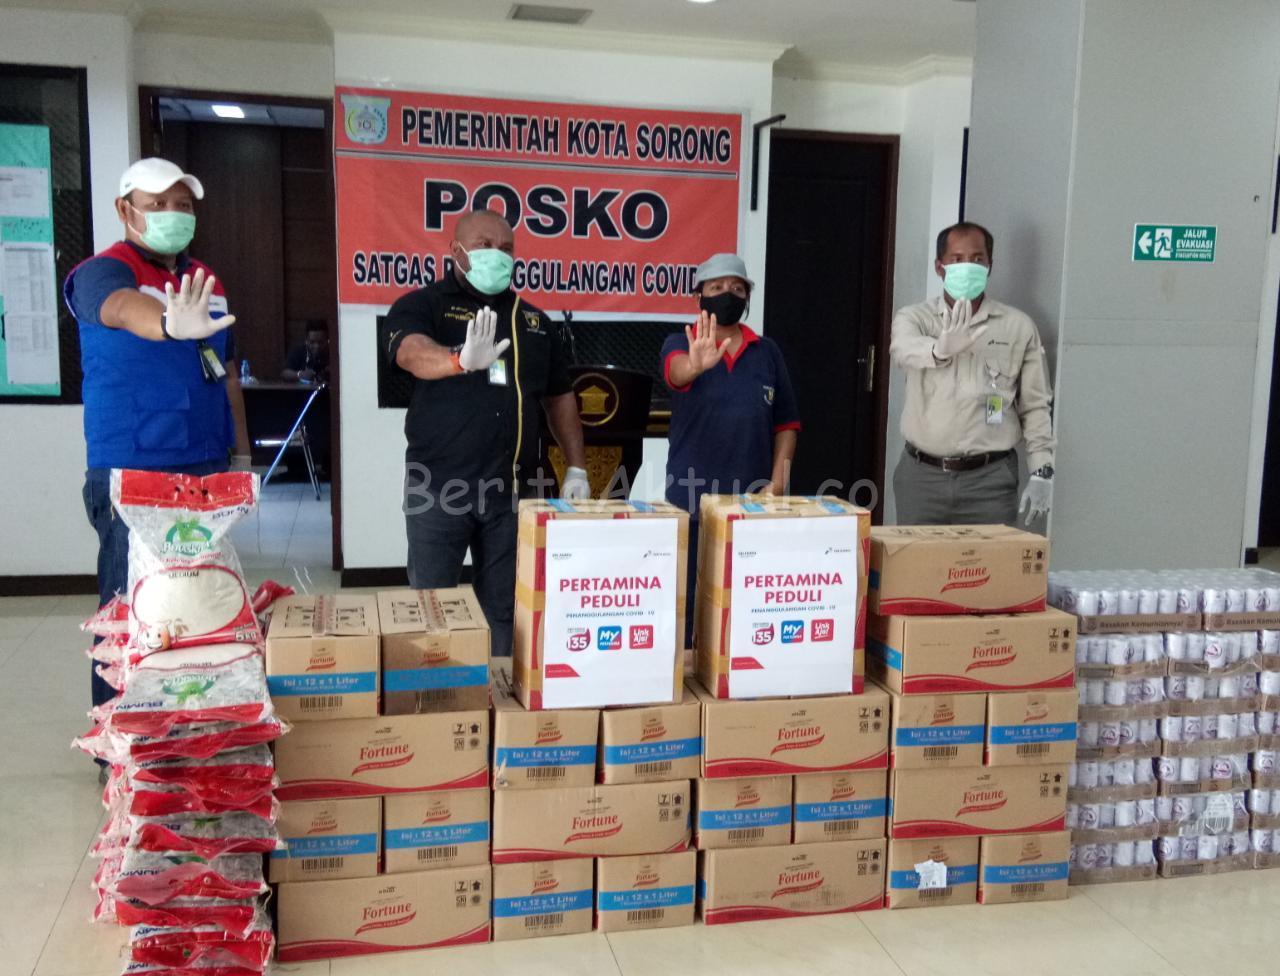 Pertamina RU VII Kasim Salurkan 2 Ton Beras Untuk Warga Kota Sorong 1 IMG 20200419 WA0012